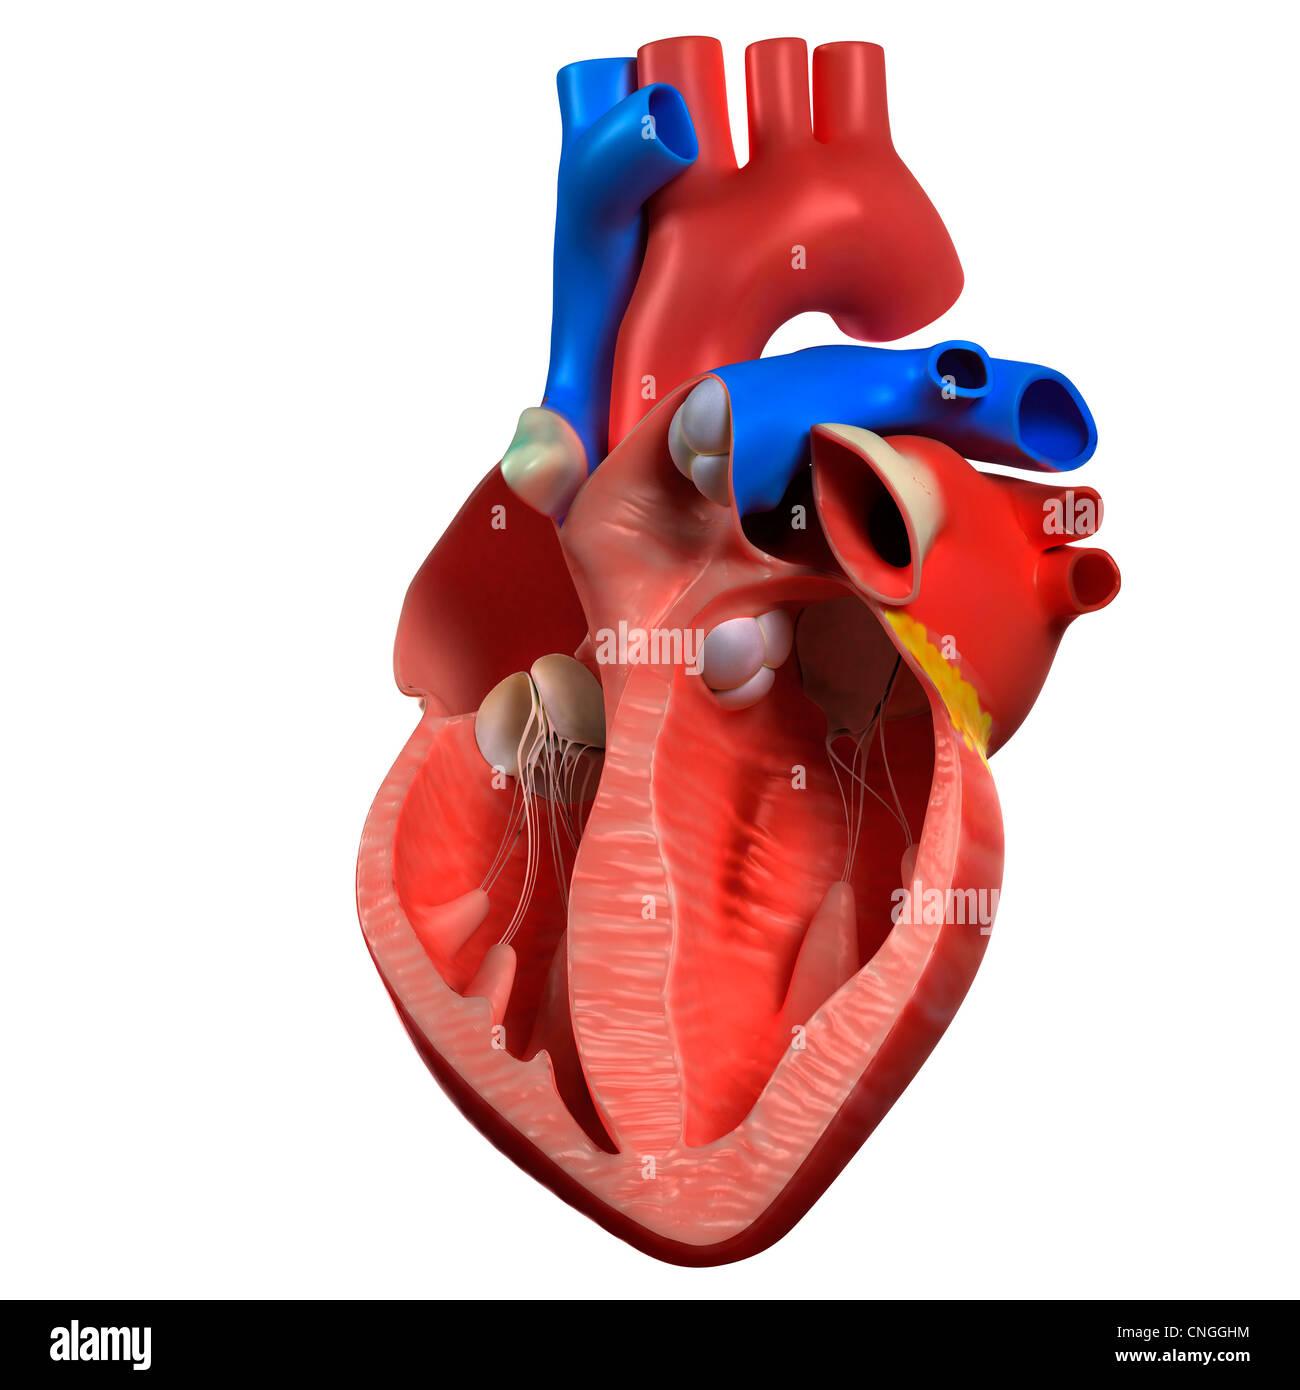 Atemberaubend Interaktive Herzanatomie Fotos - Menschliche Anatomie ...